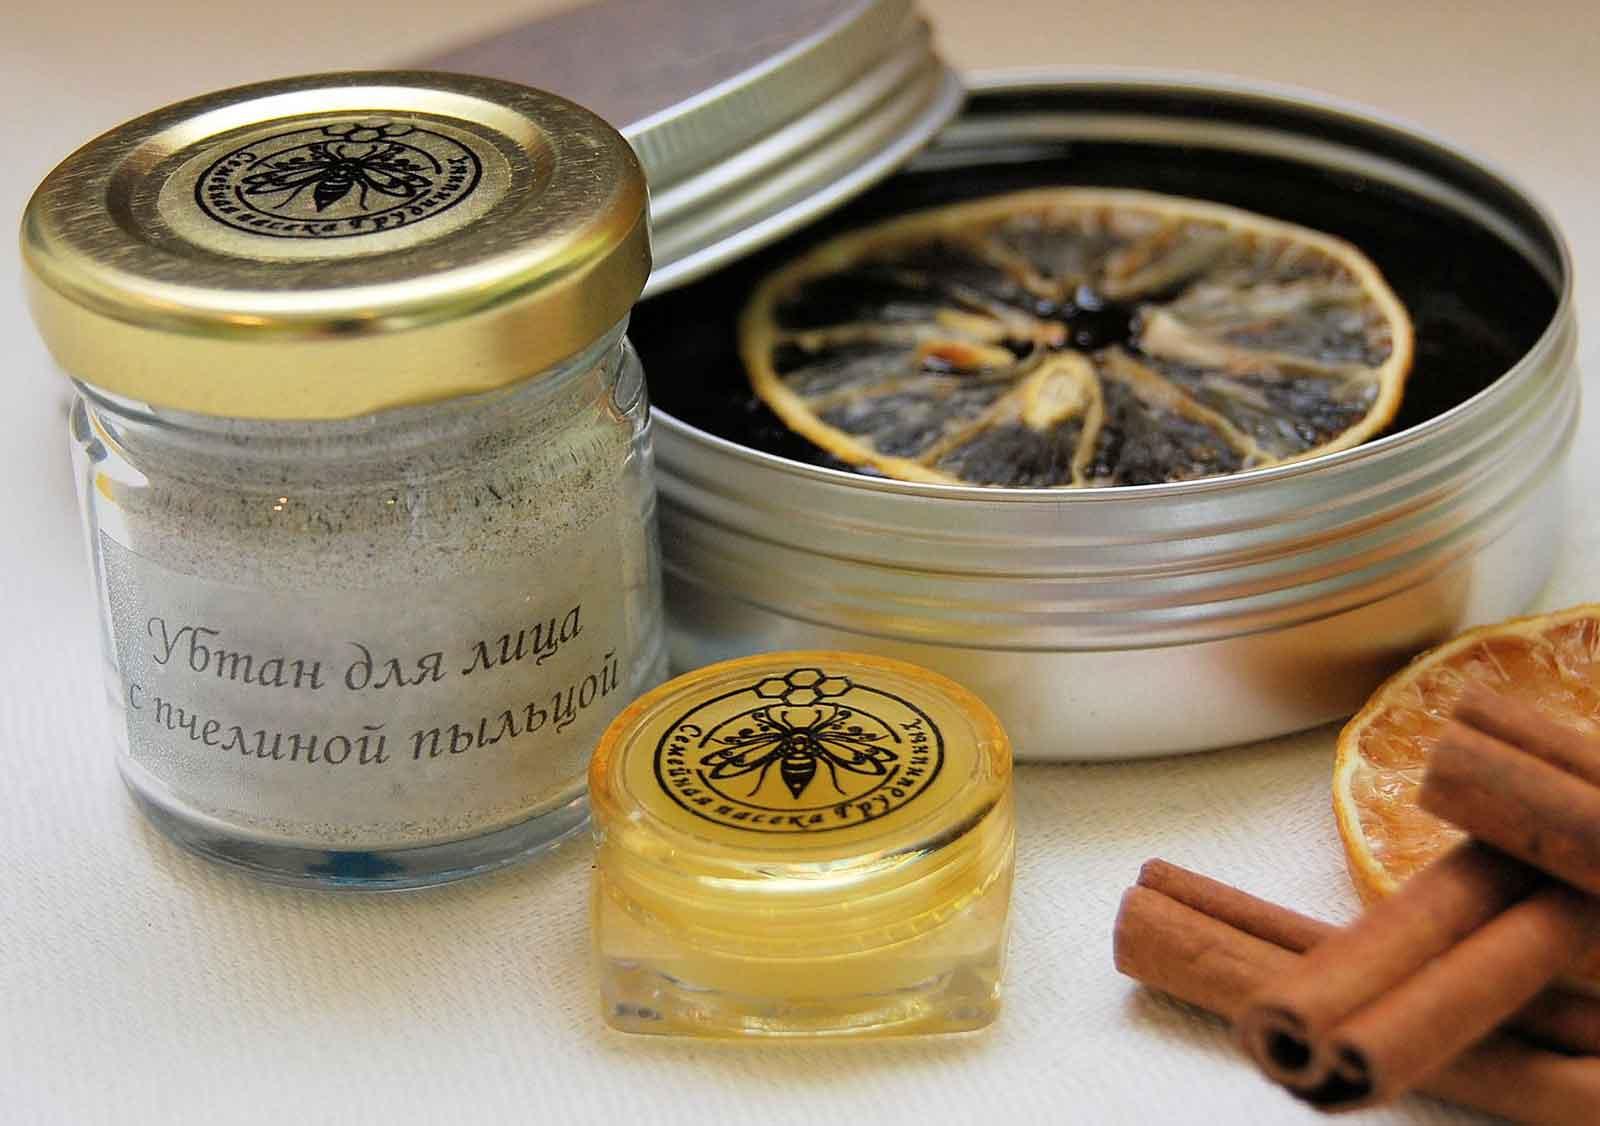 마누카 꿀 피부관리 효능 5가지 – 천연 자연 화장품